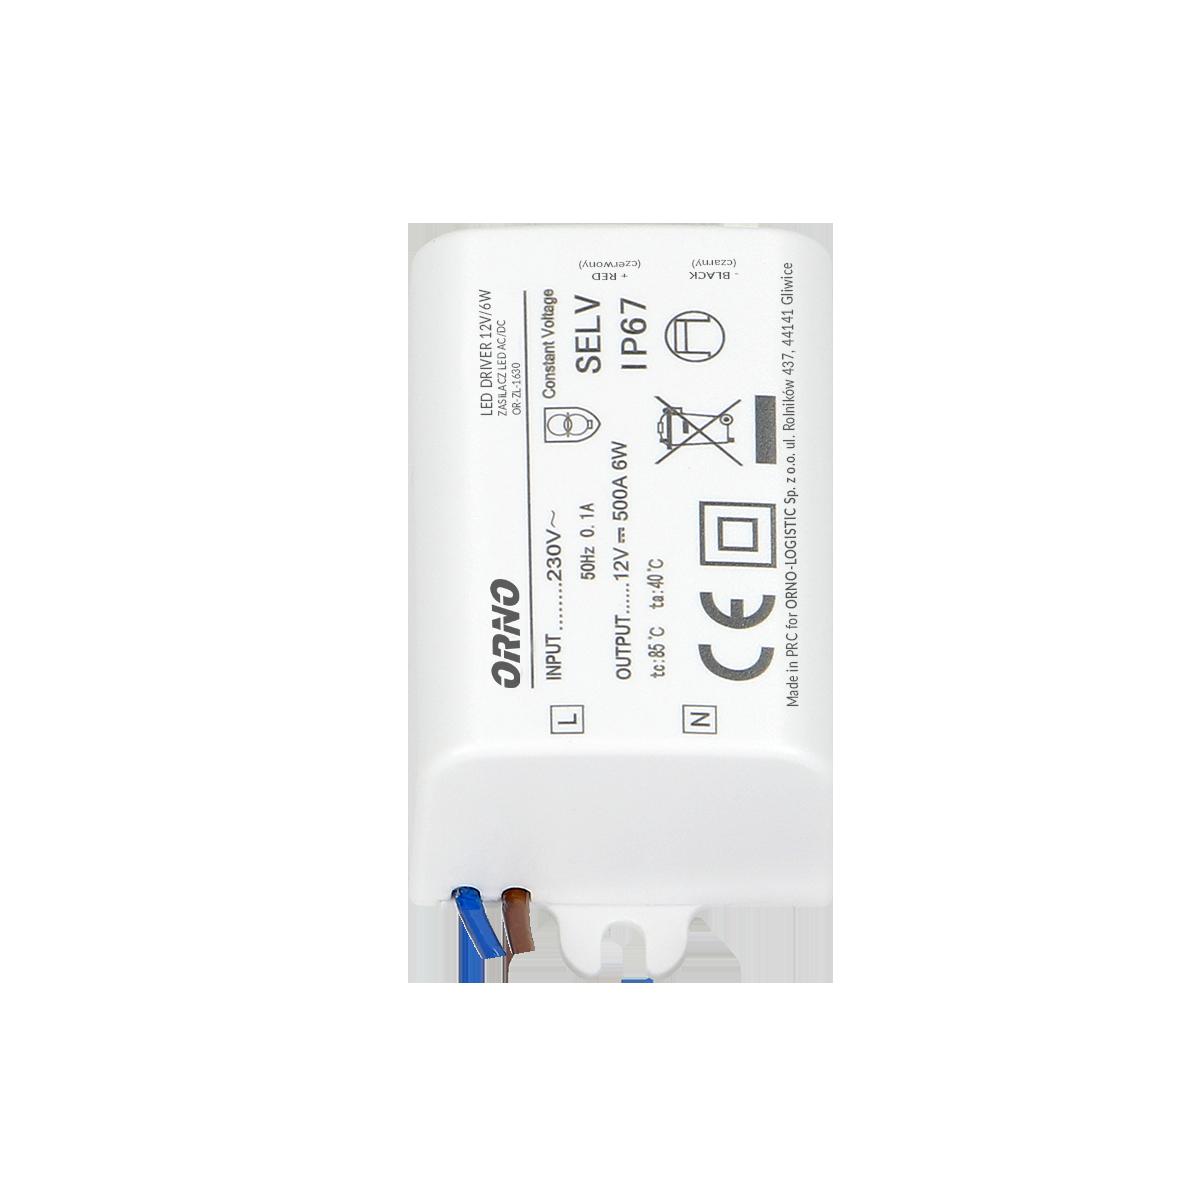 Netzteil für LED, MINI, IP67, 6W, 12V